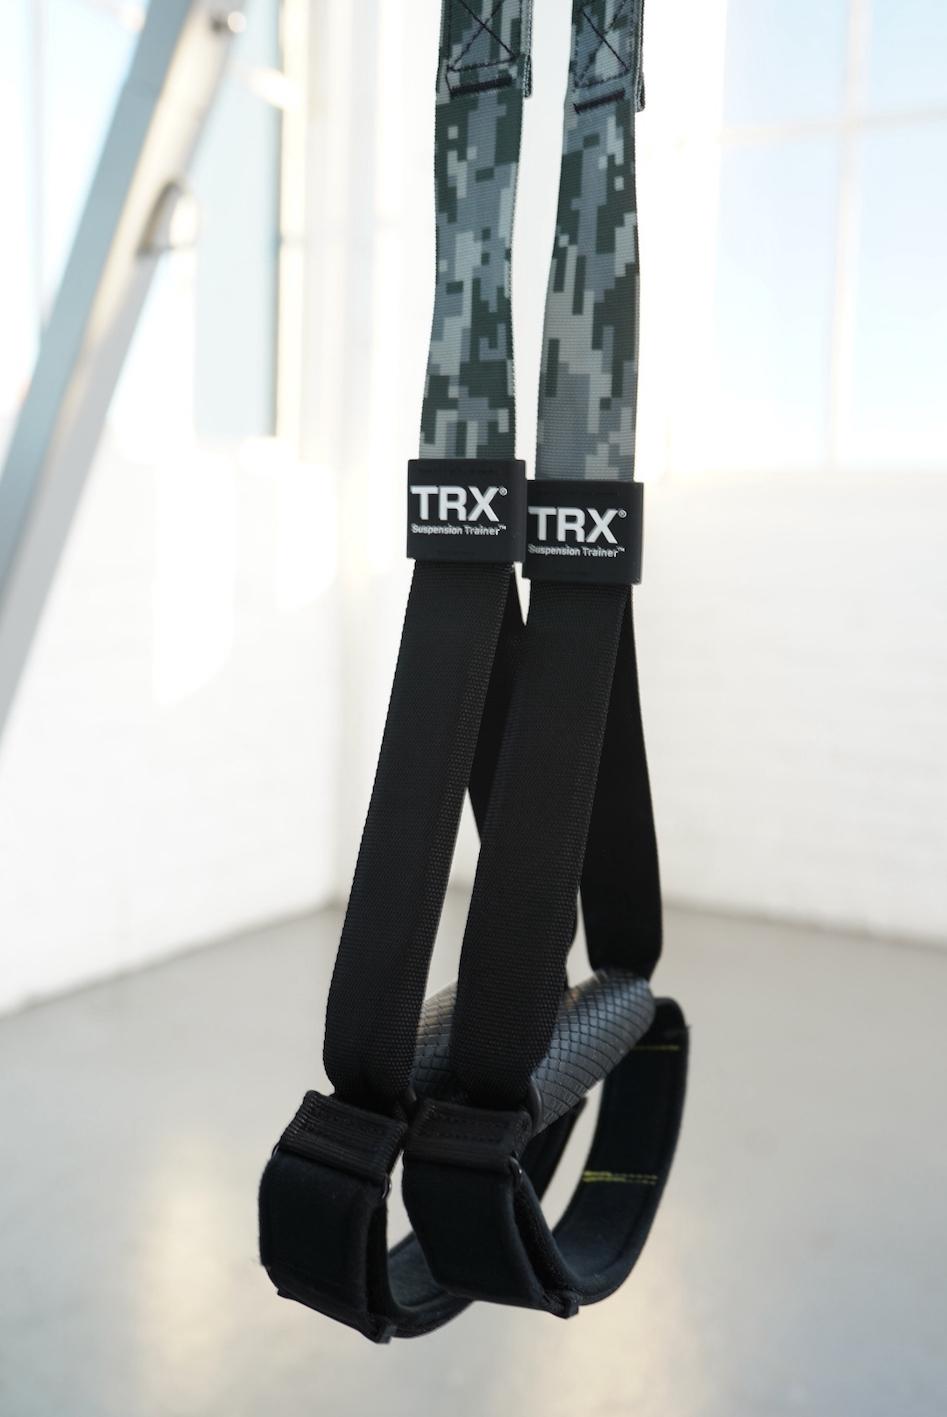 【限定カラー】TRX PRO4 digital camouflage